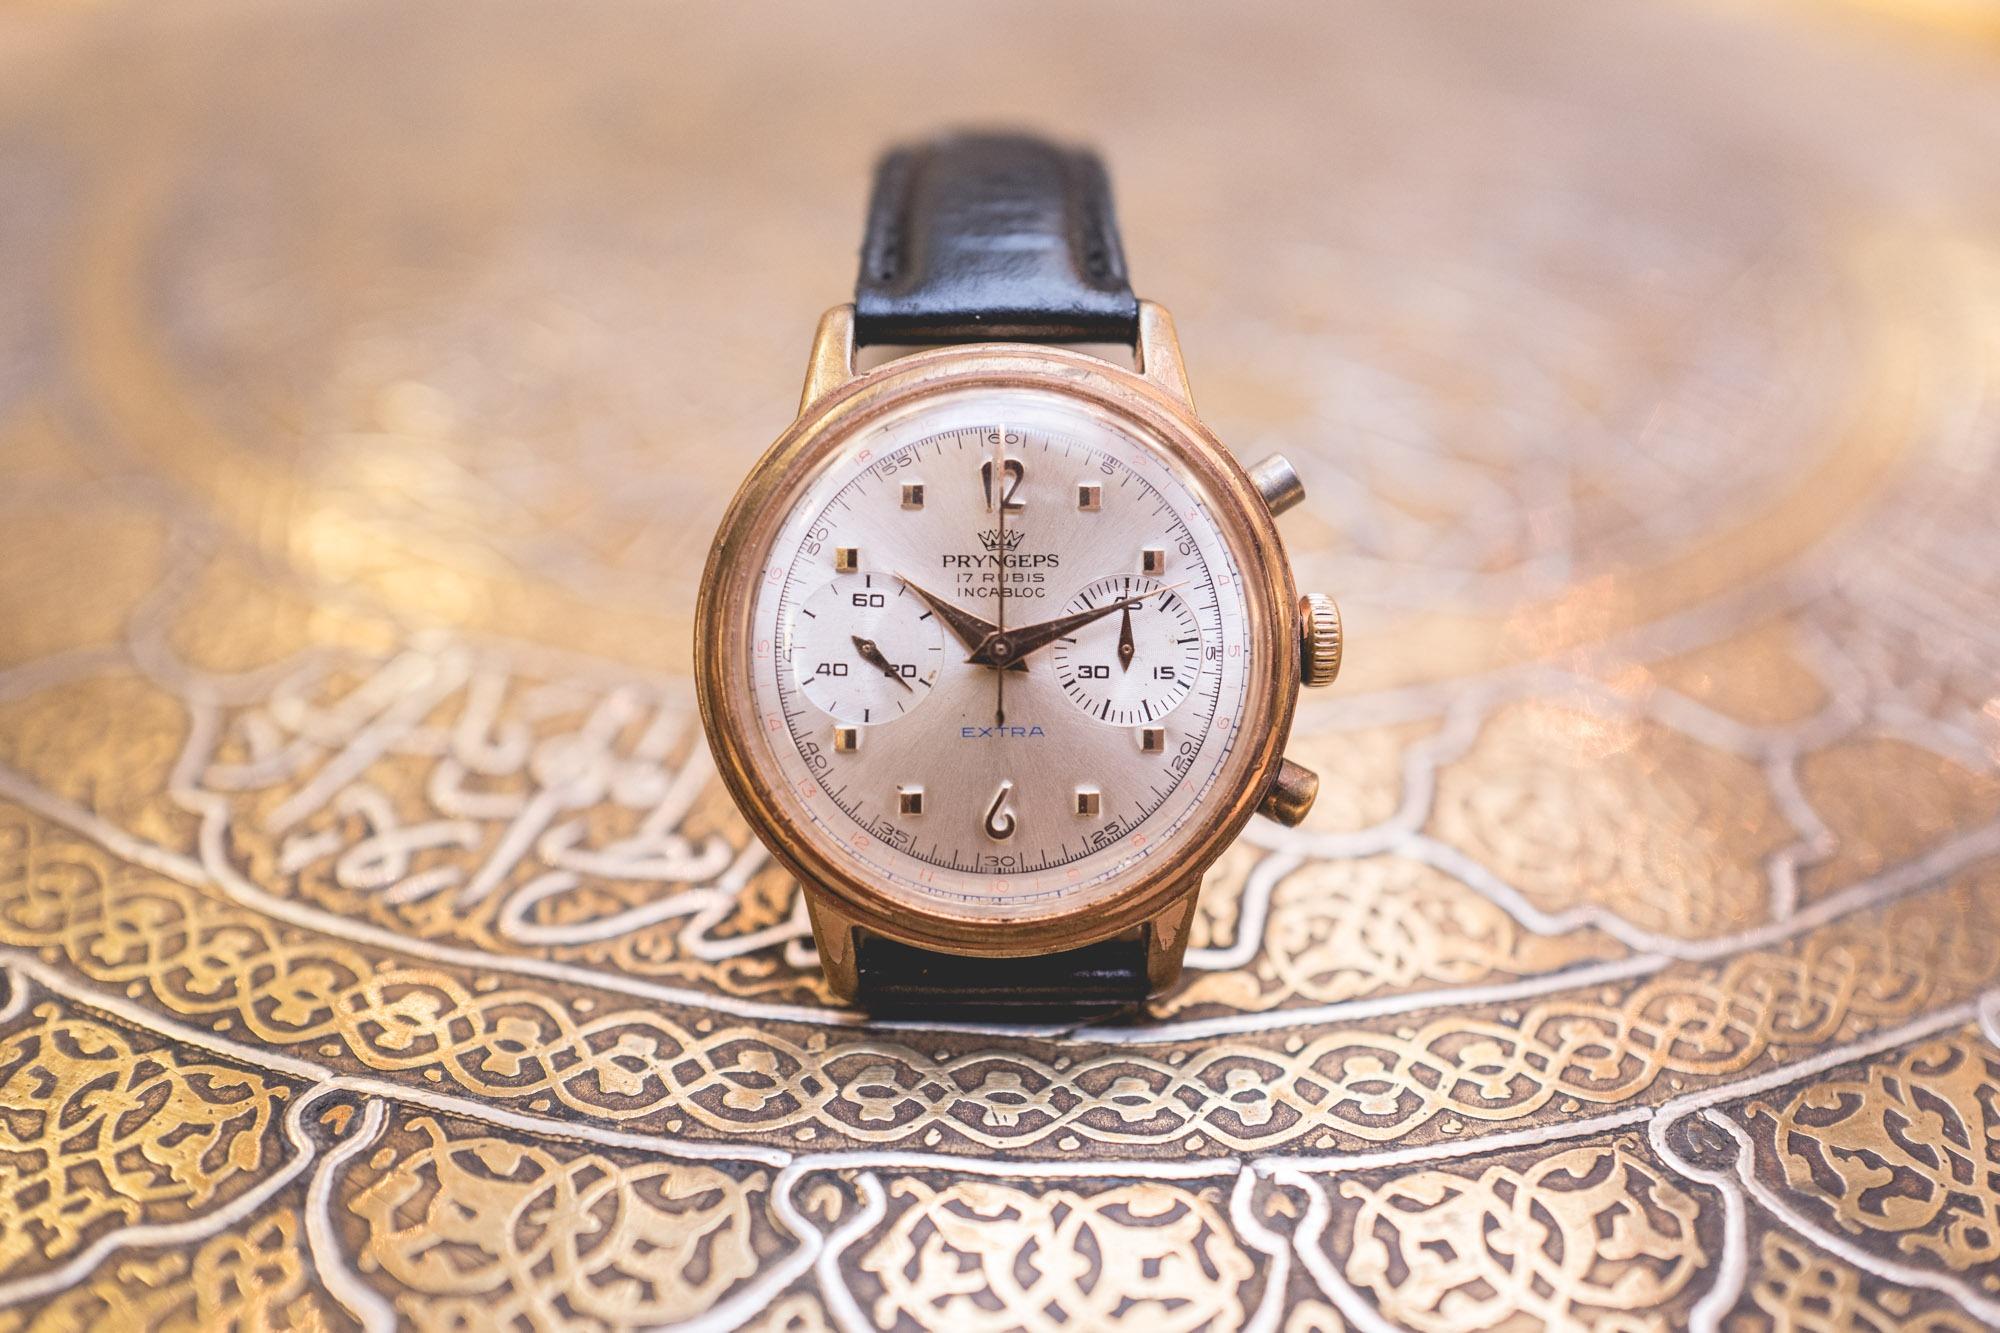 Vente Tajan Georg Fischer Pryngeps chronograph